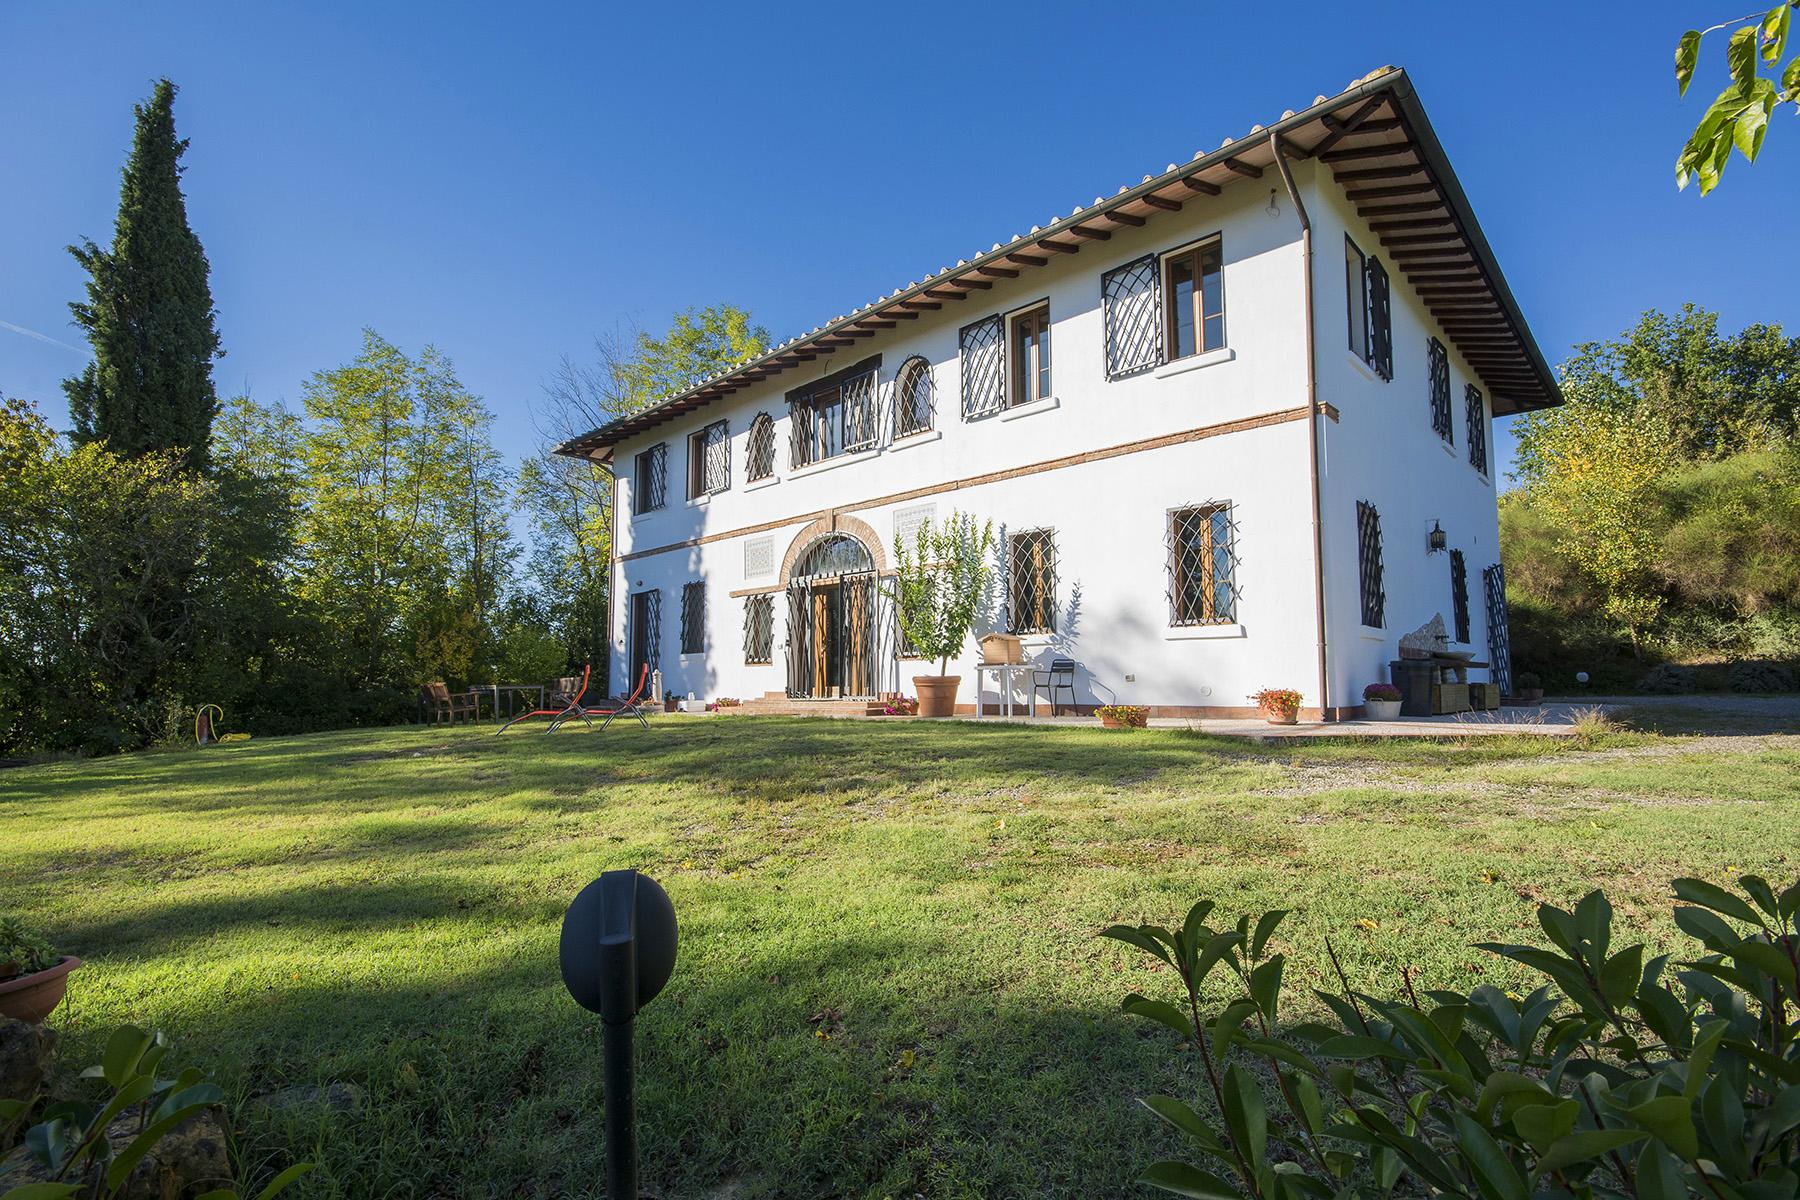 Villa in Vendita a San Miniato: 5 locali, 500 mq - Foto 3